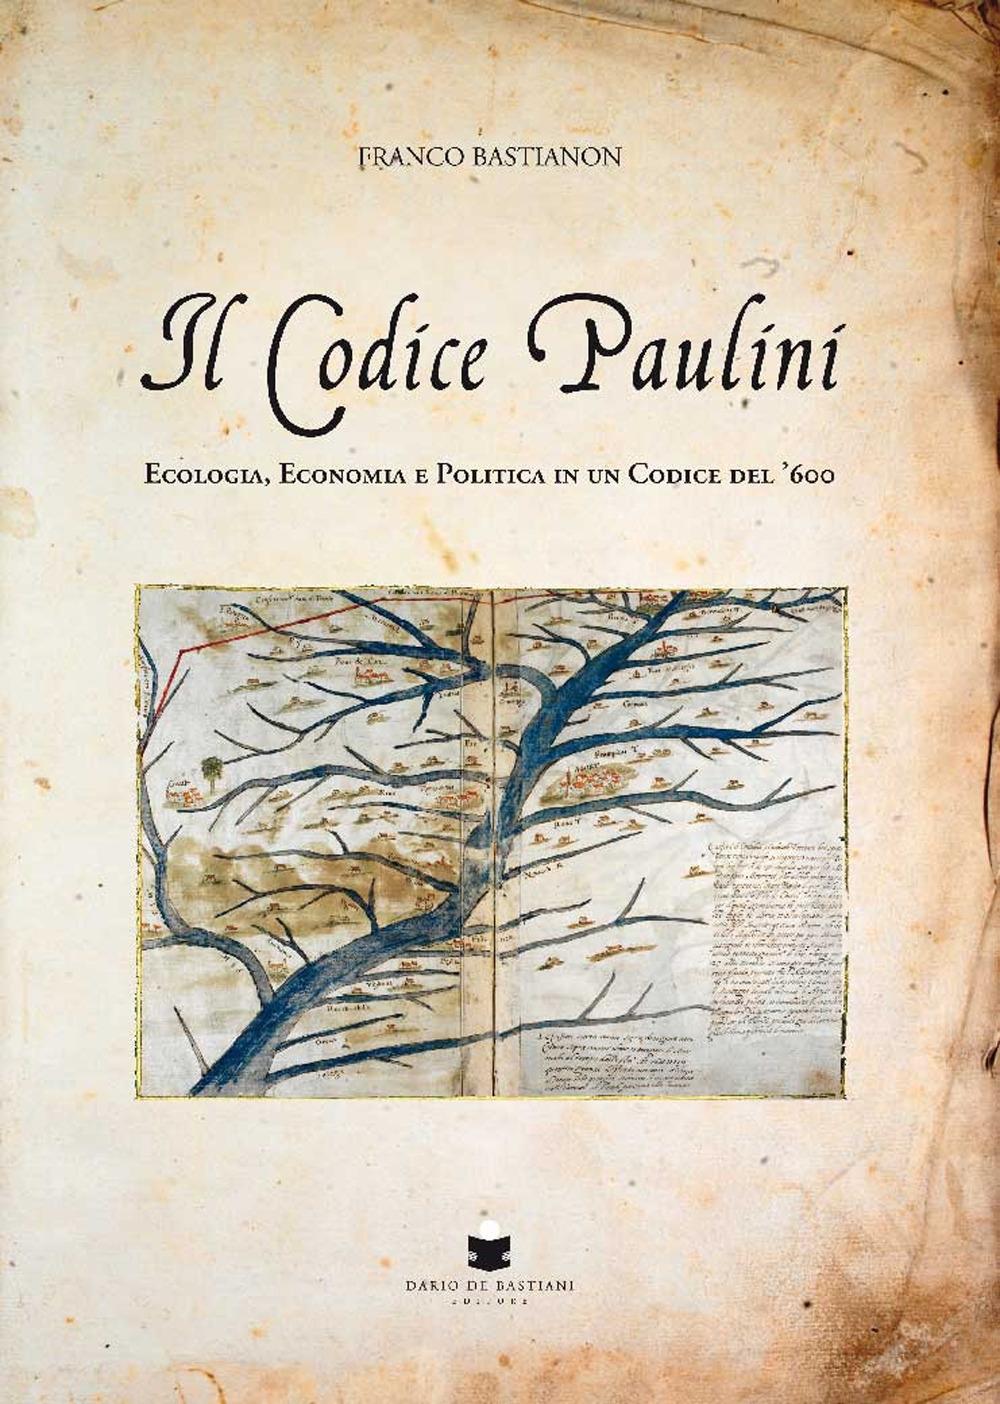 Il Codice Paulini. Ecologia, Economia e Politica in un Codice del '600